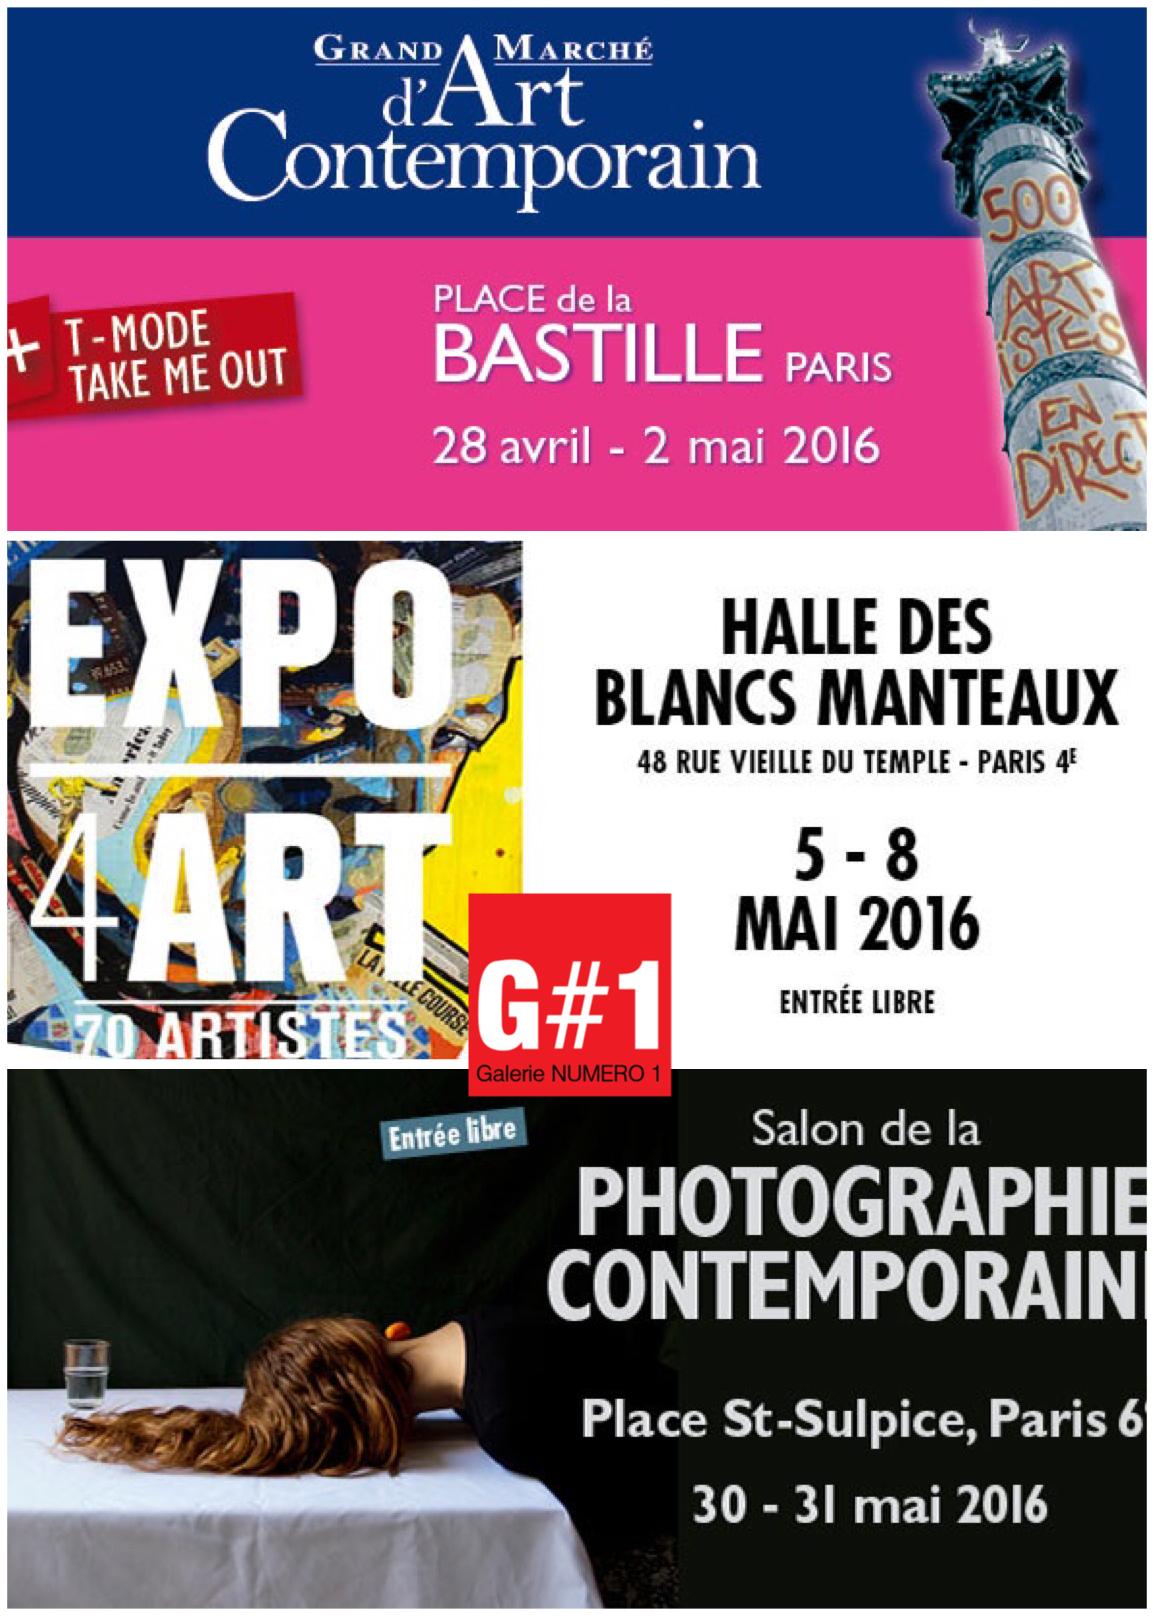 Appel à candidature GMAC Bastille printemps 2016 avec Galerie Numéro 1